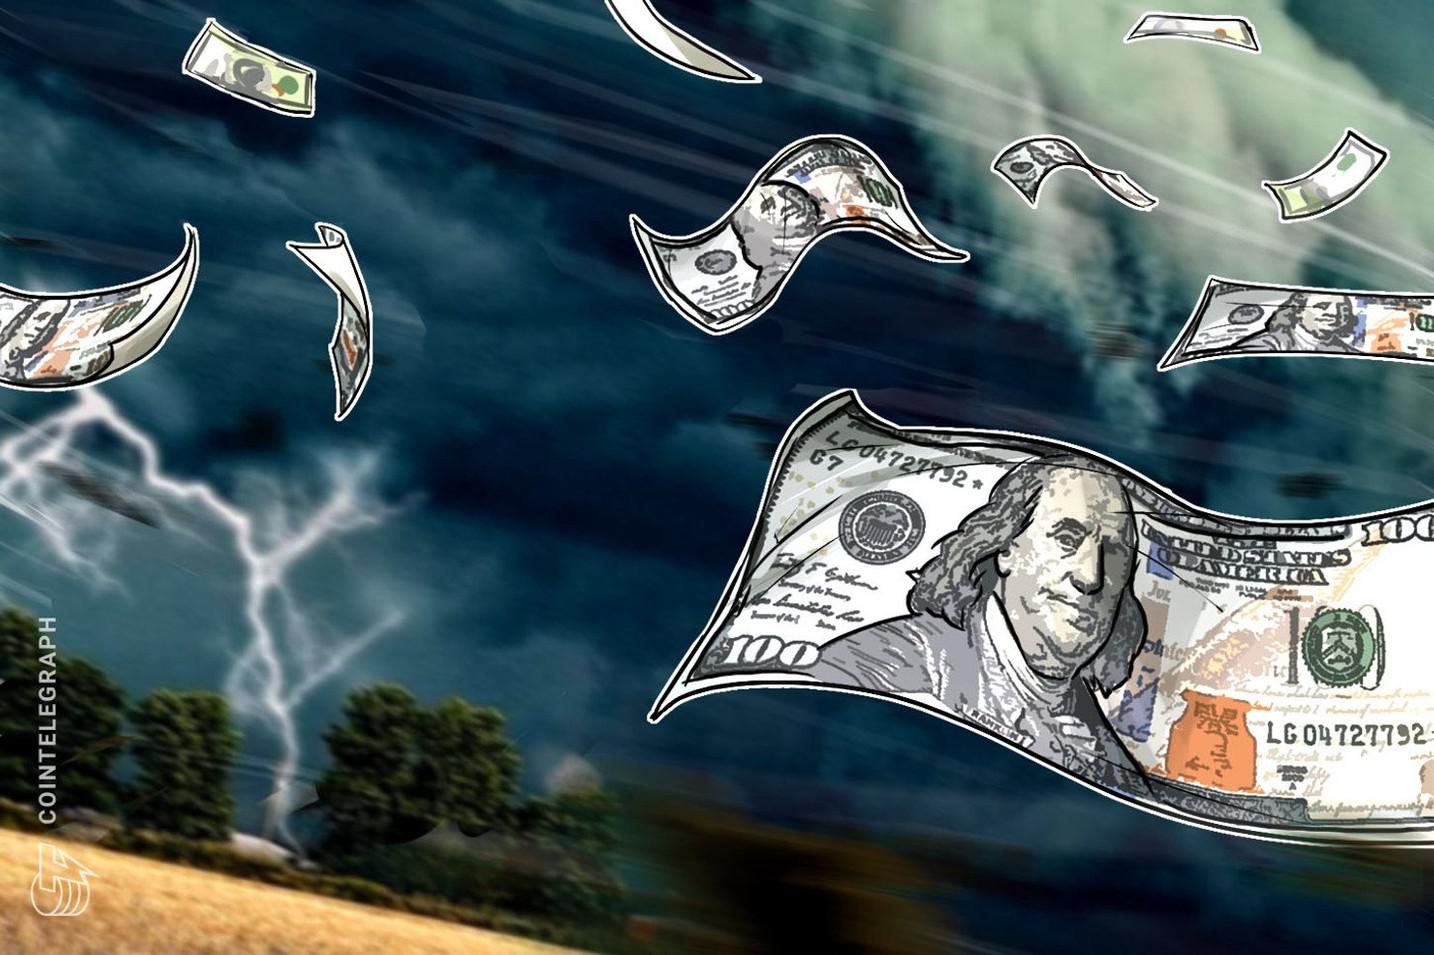 米投資家の現金保有量、同時多発テロ以来で最大 |V字回復信じる割合少なく=バンカメ